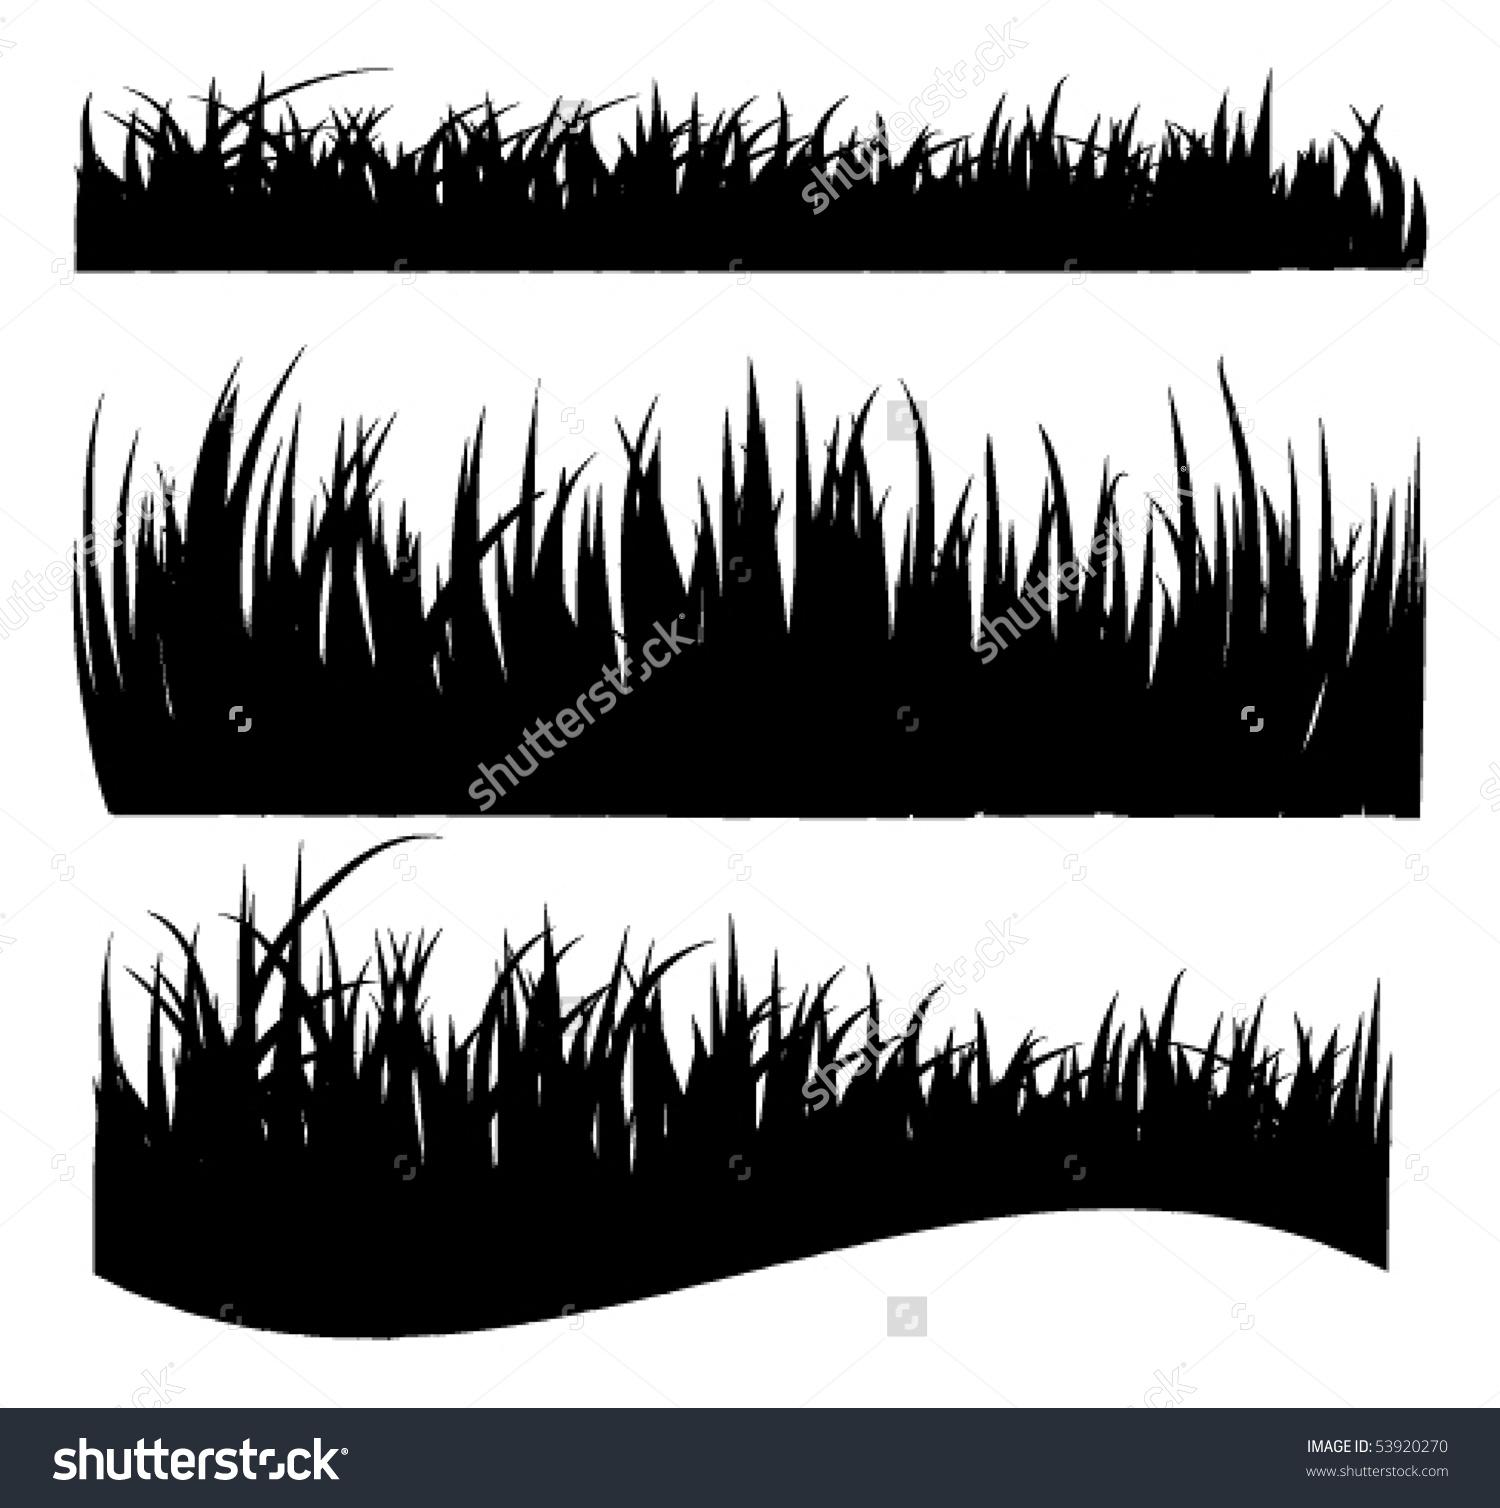 Vector Grass Silhouettes Stock Vector 53920270.